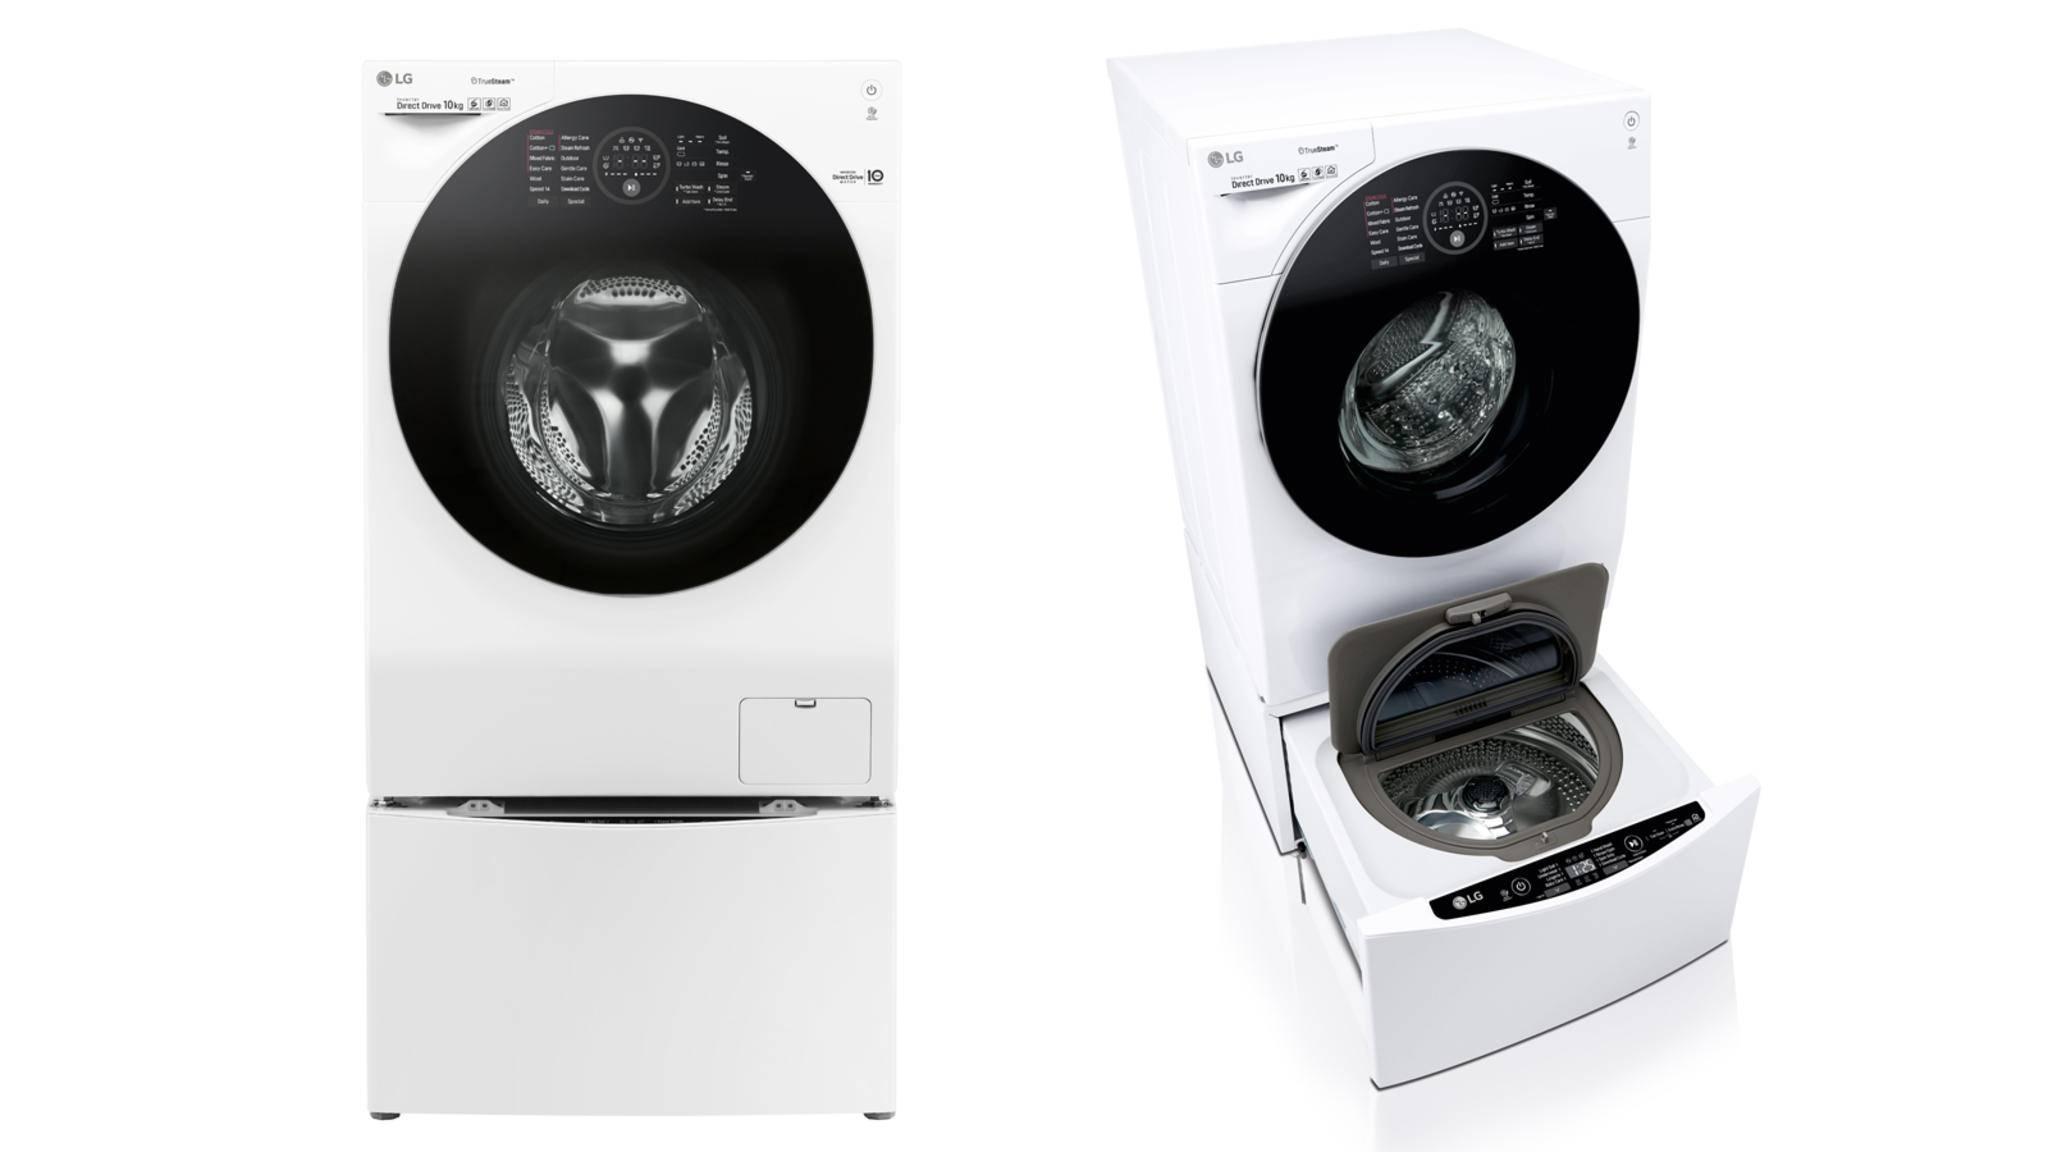 twinwash doppel waschmaschine von lg kommt nach deutschland. Black Bedroom Furniture Sets. Home Design Ideas